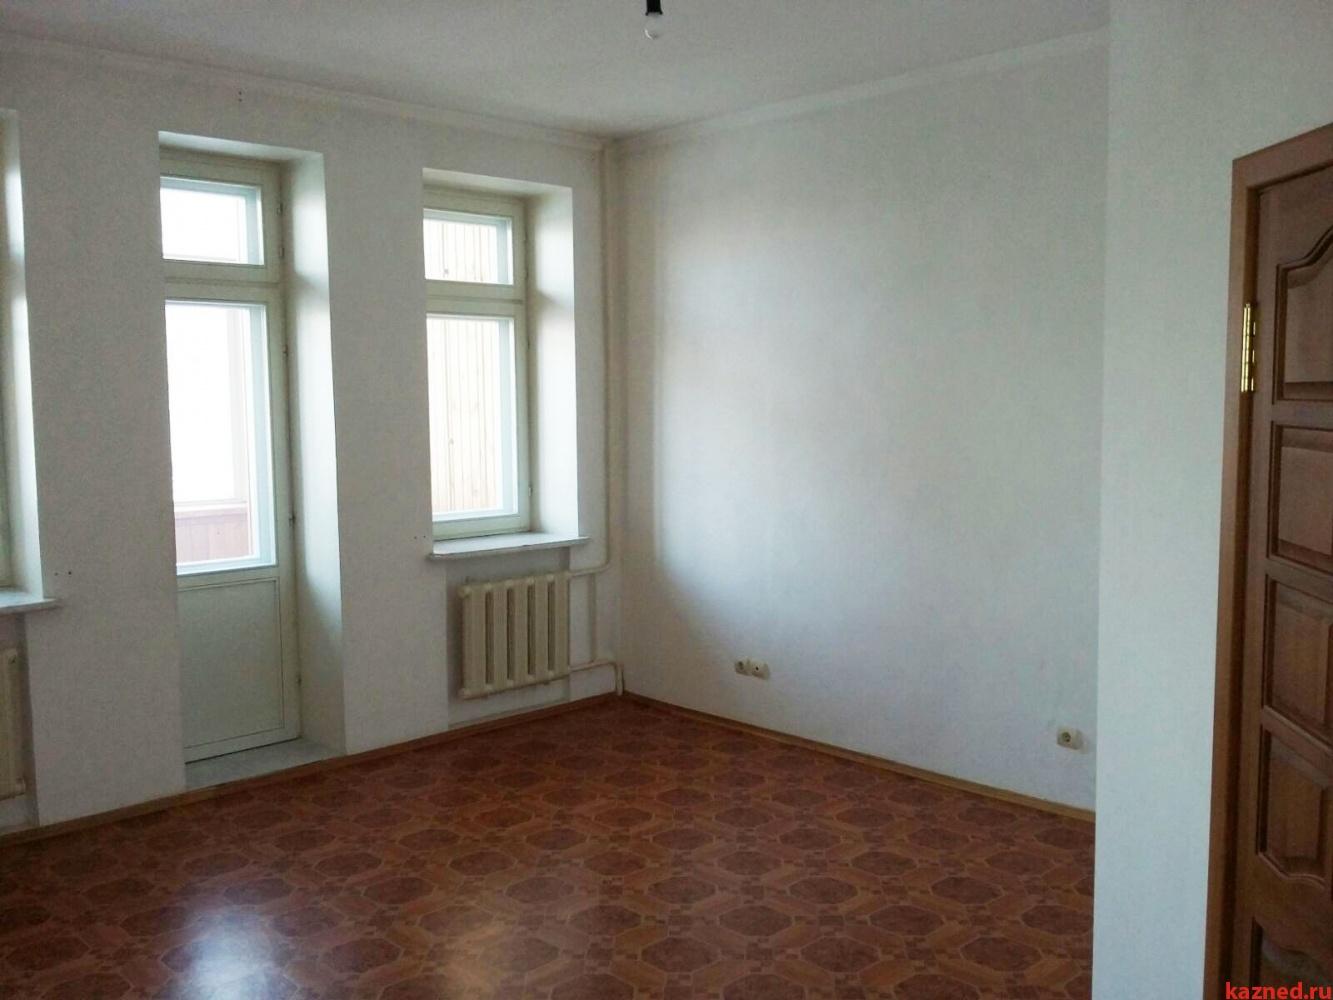 Продажа 4-к квартиры Толстого ул, 16А, 167 м2  (миниатюра №7)